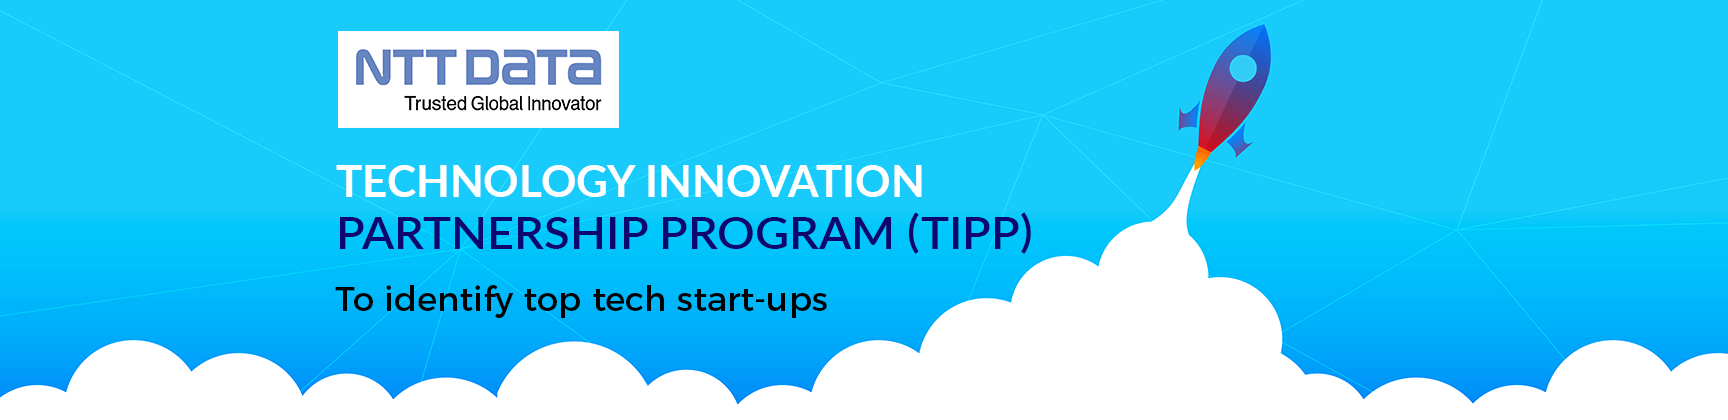 NTT Data Partnership, TiE Singapore, TIPP